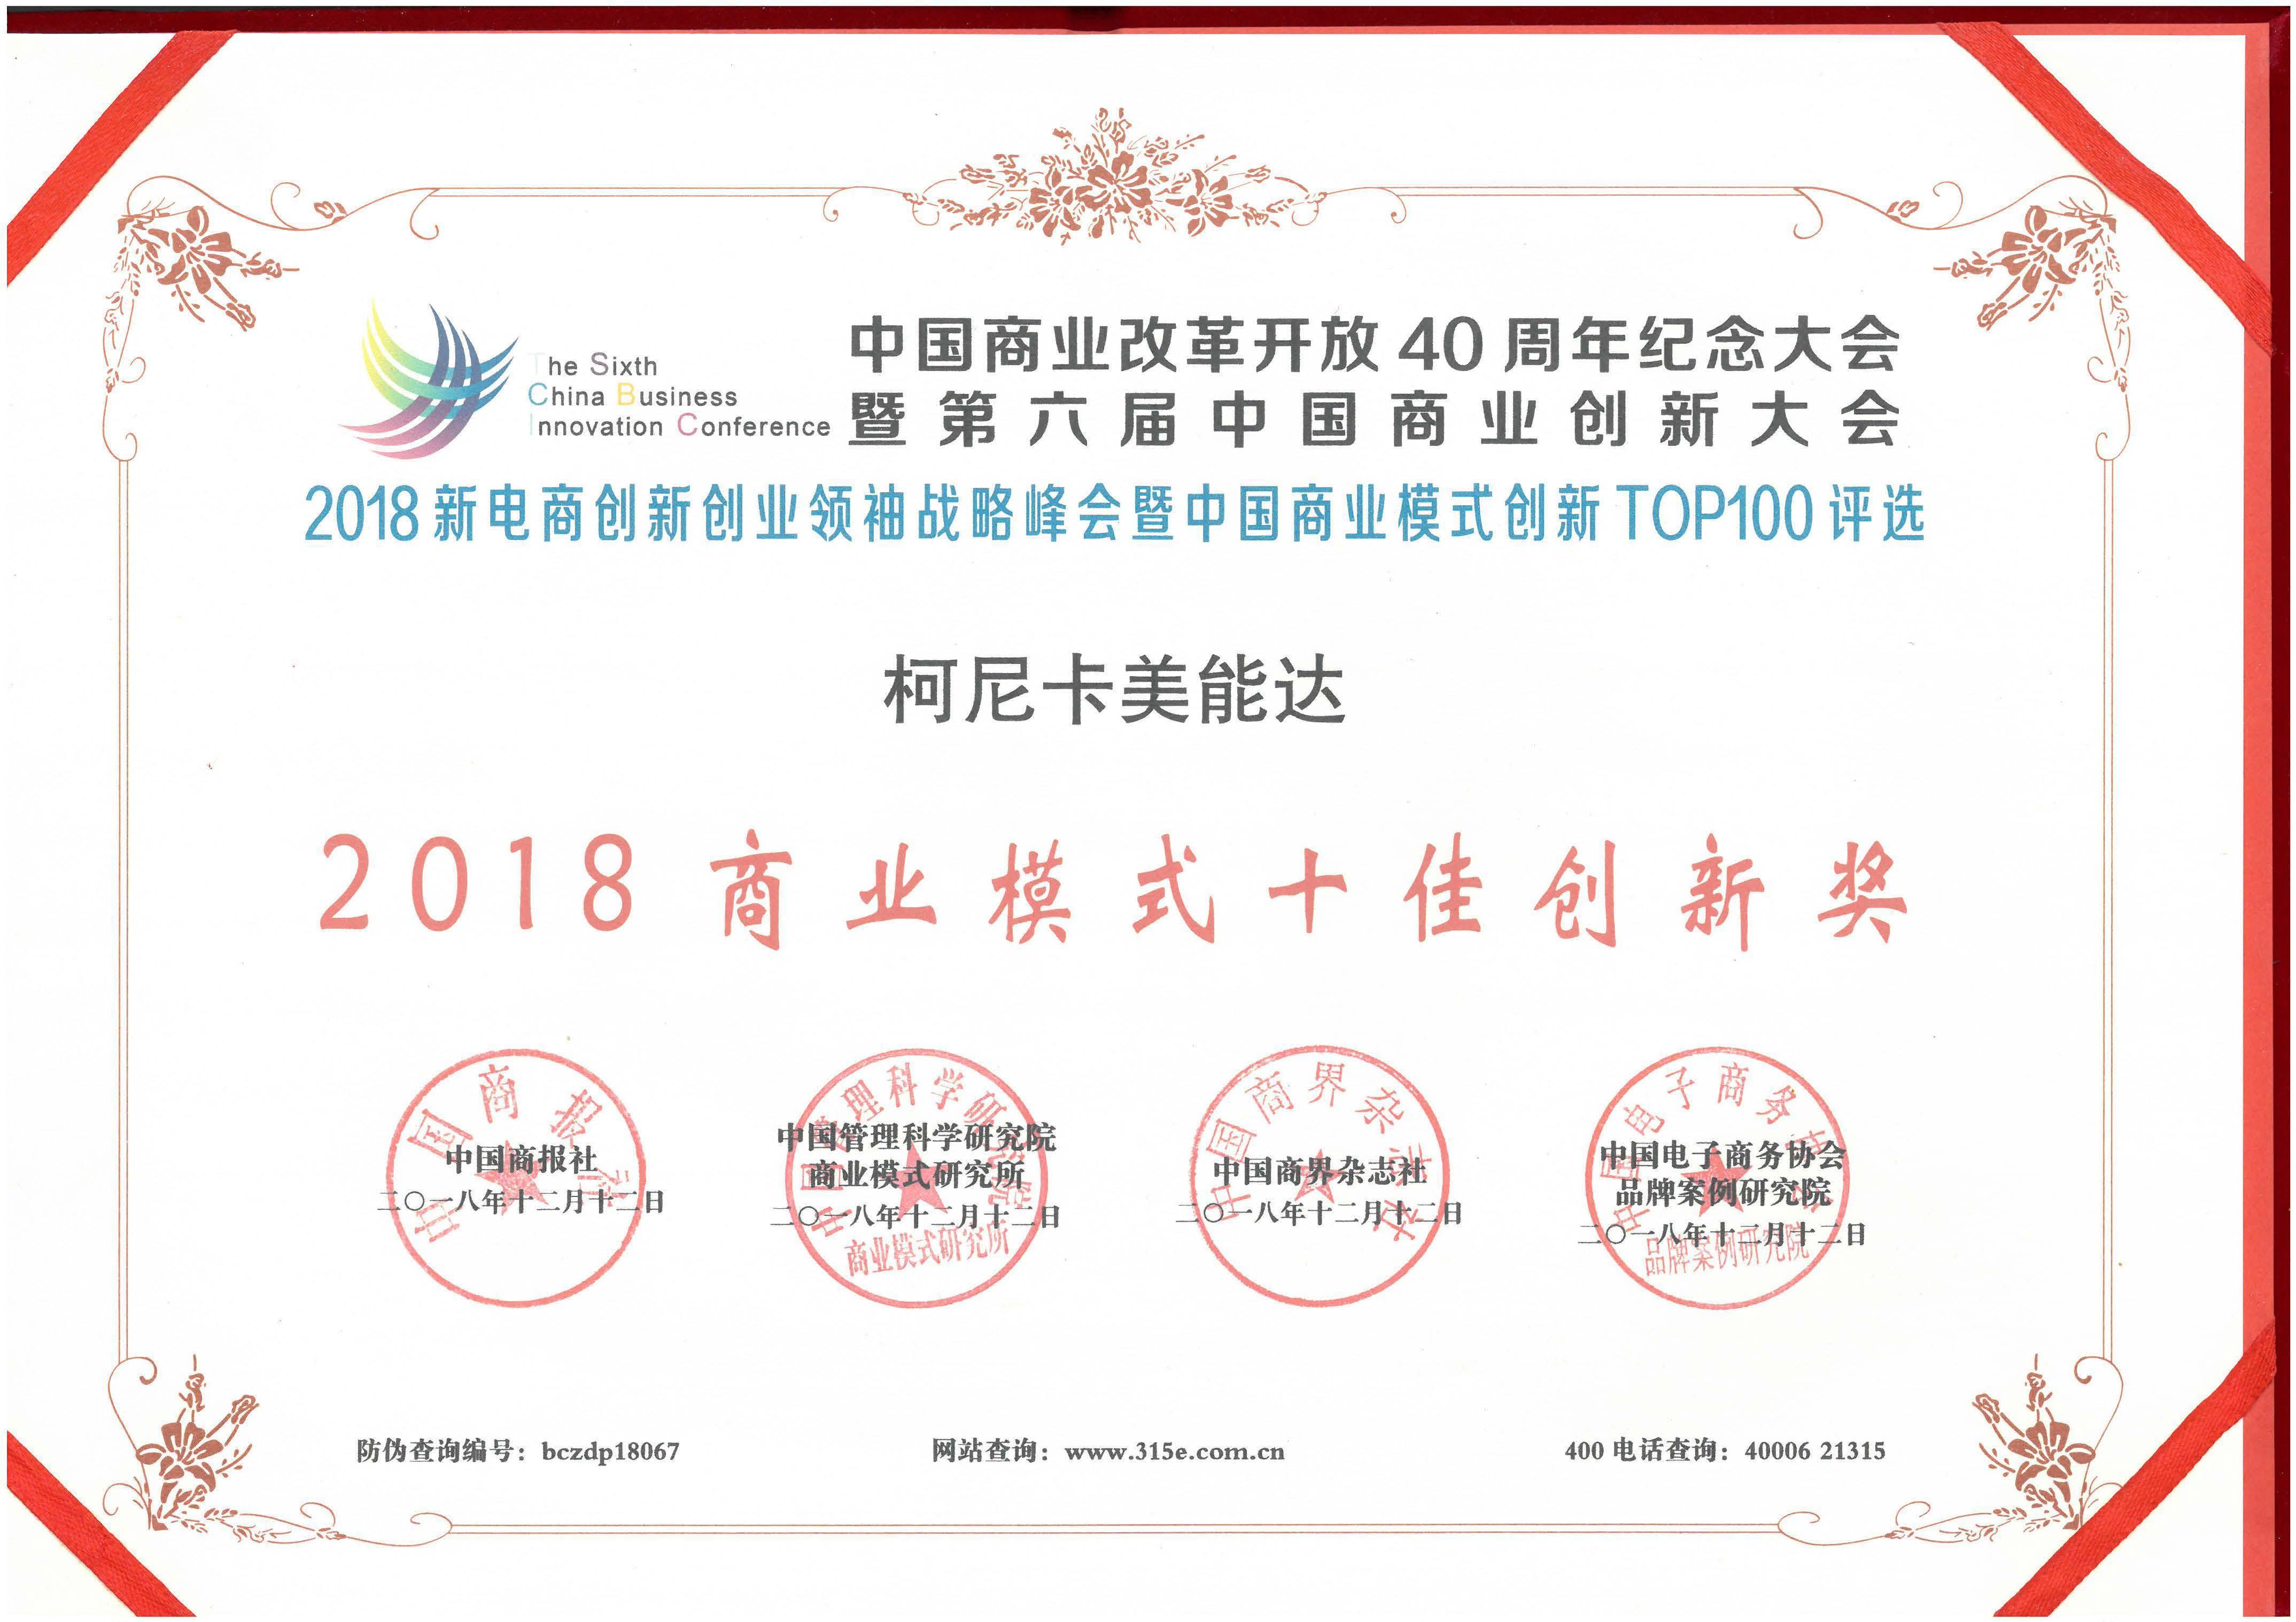 1-【中国商界】商业模式十佳创新奖.jpg